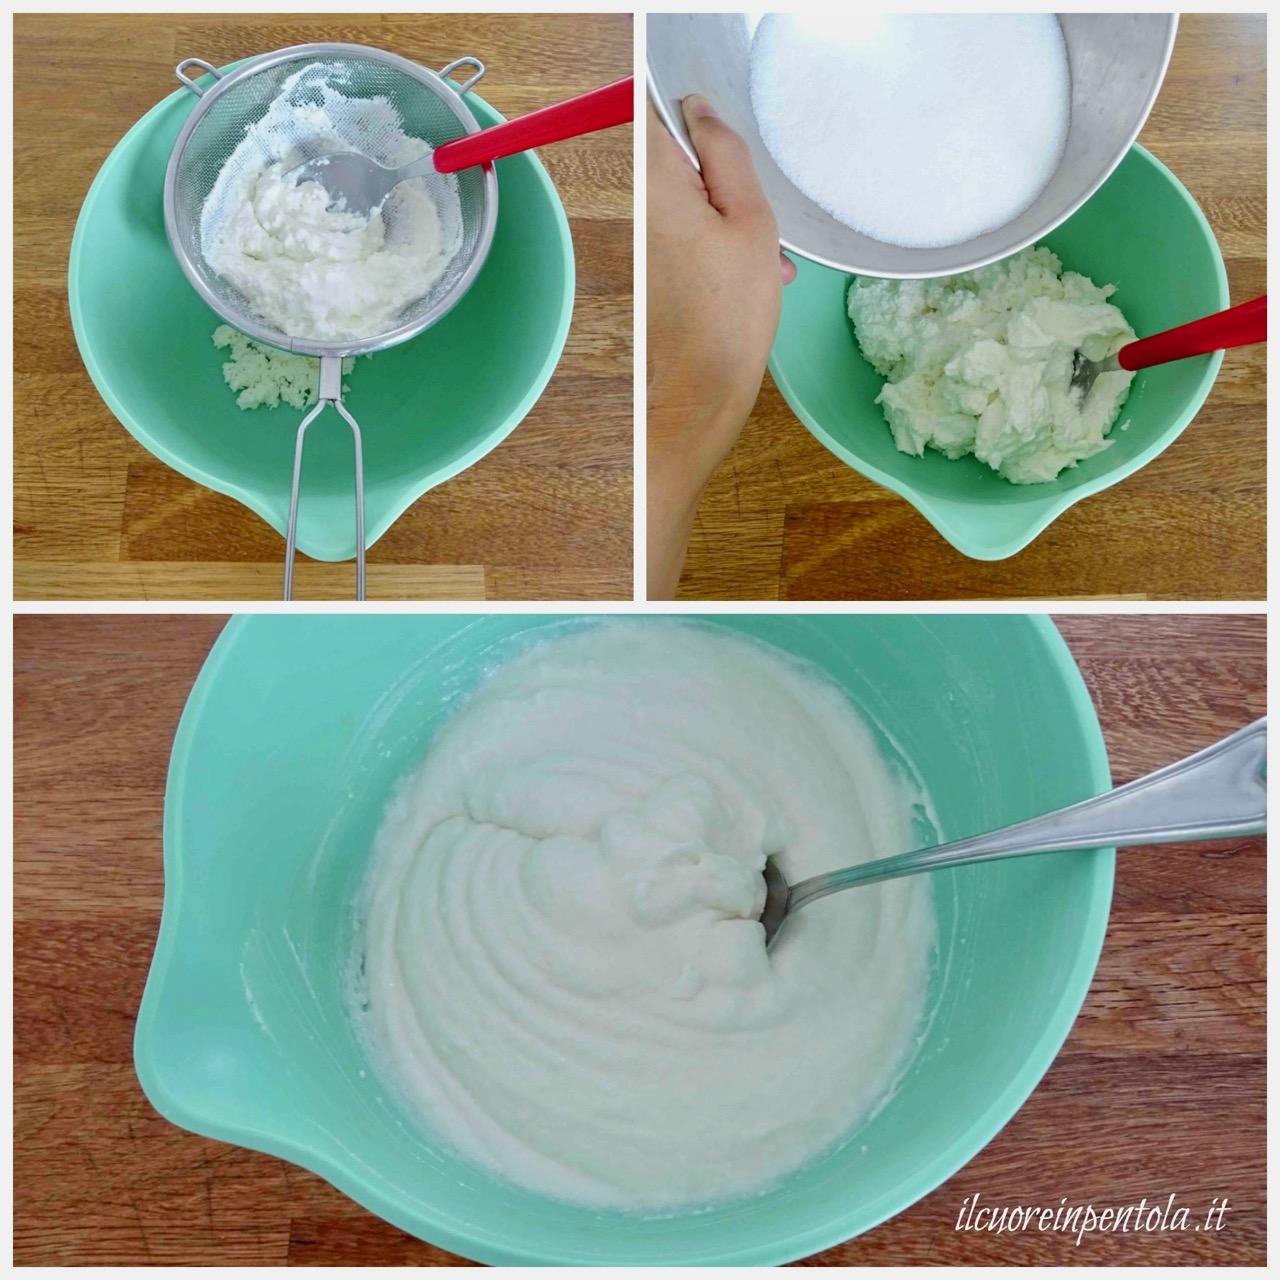 preparare crema di ricotta